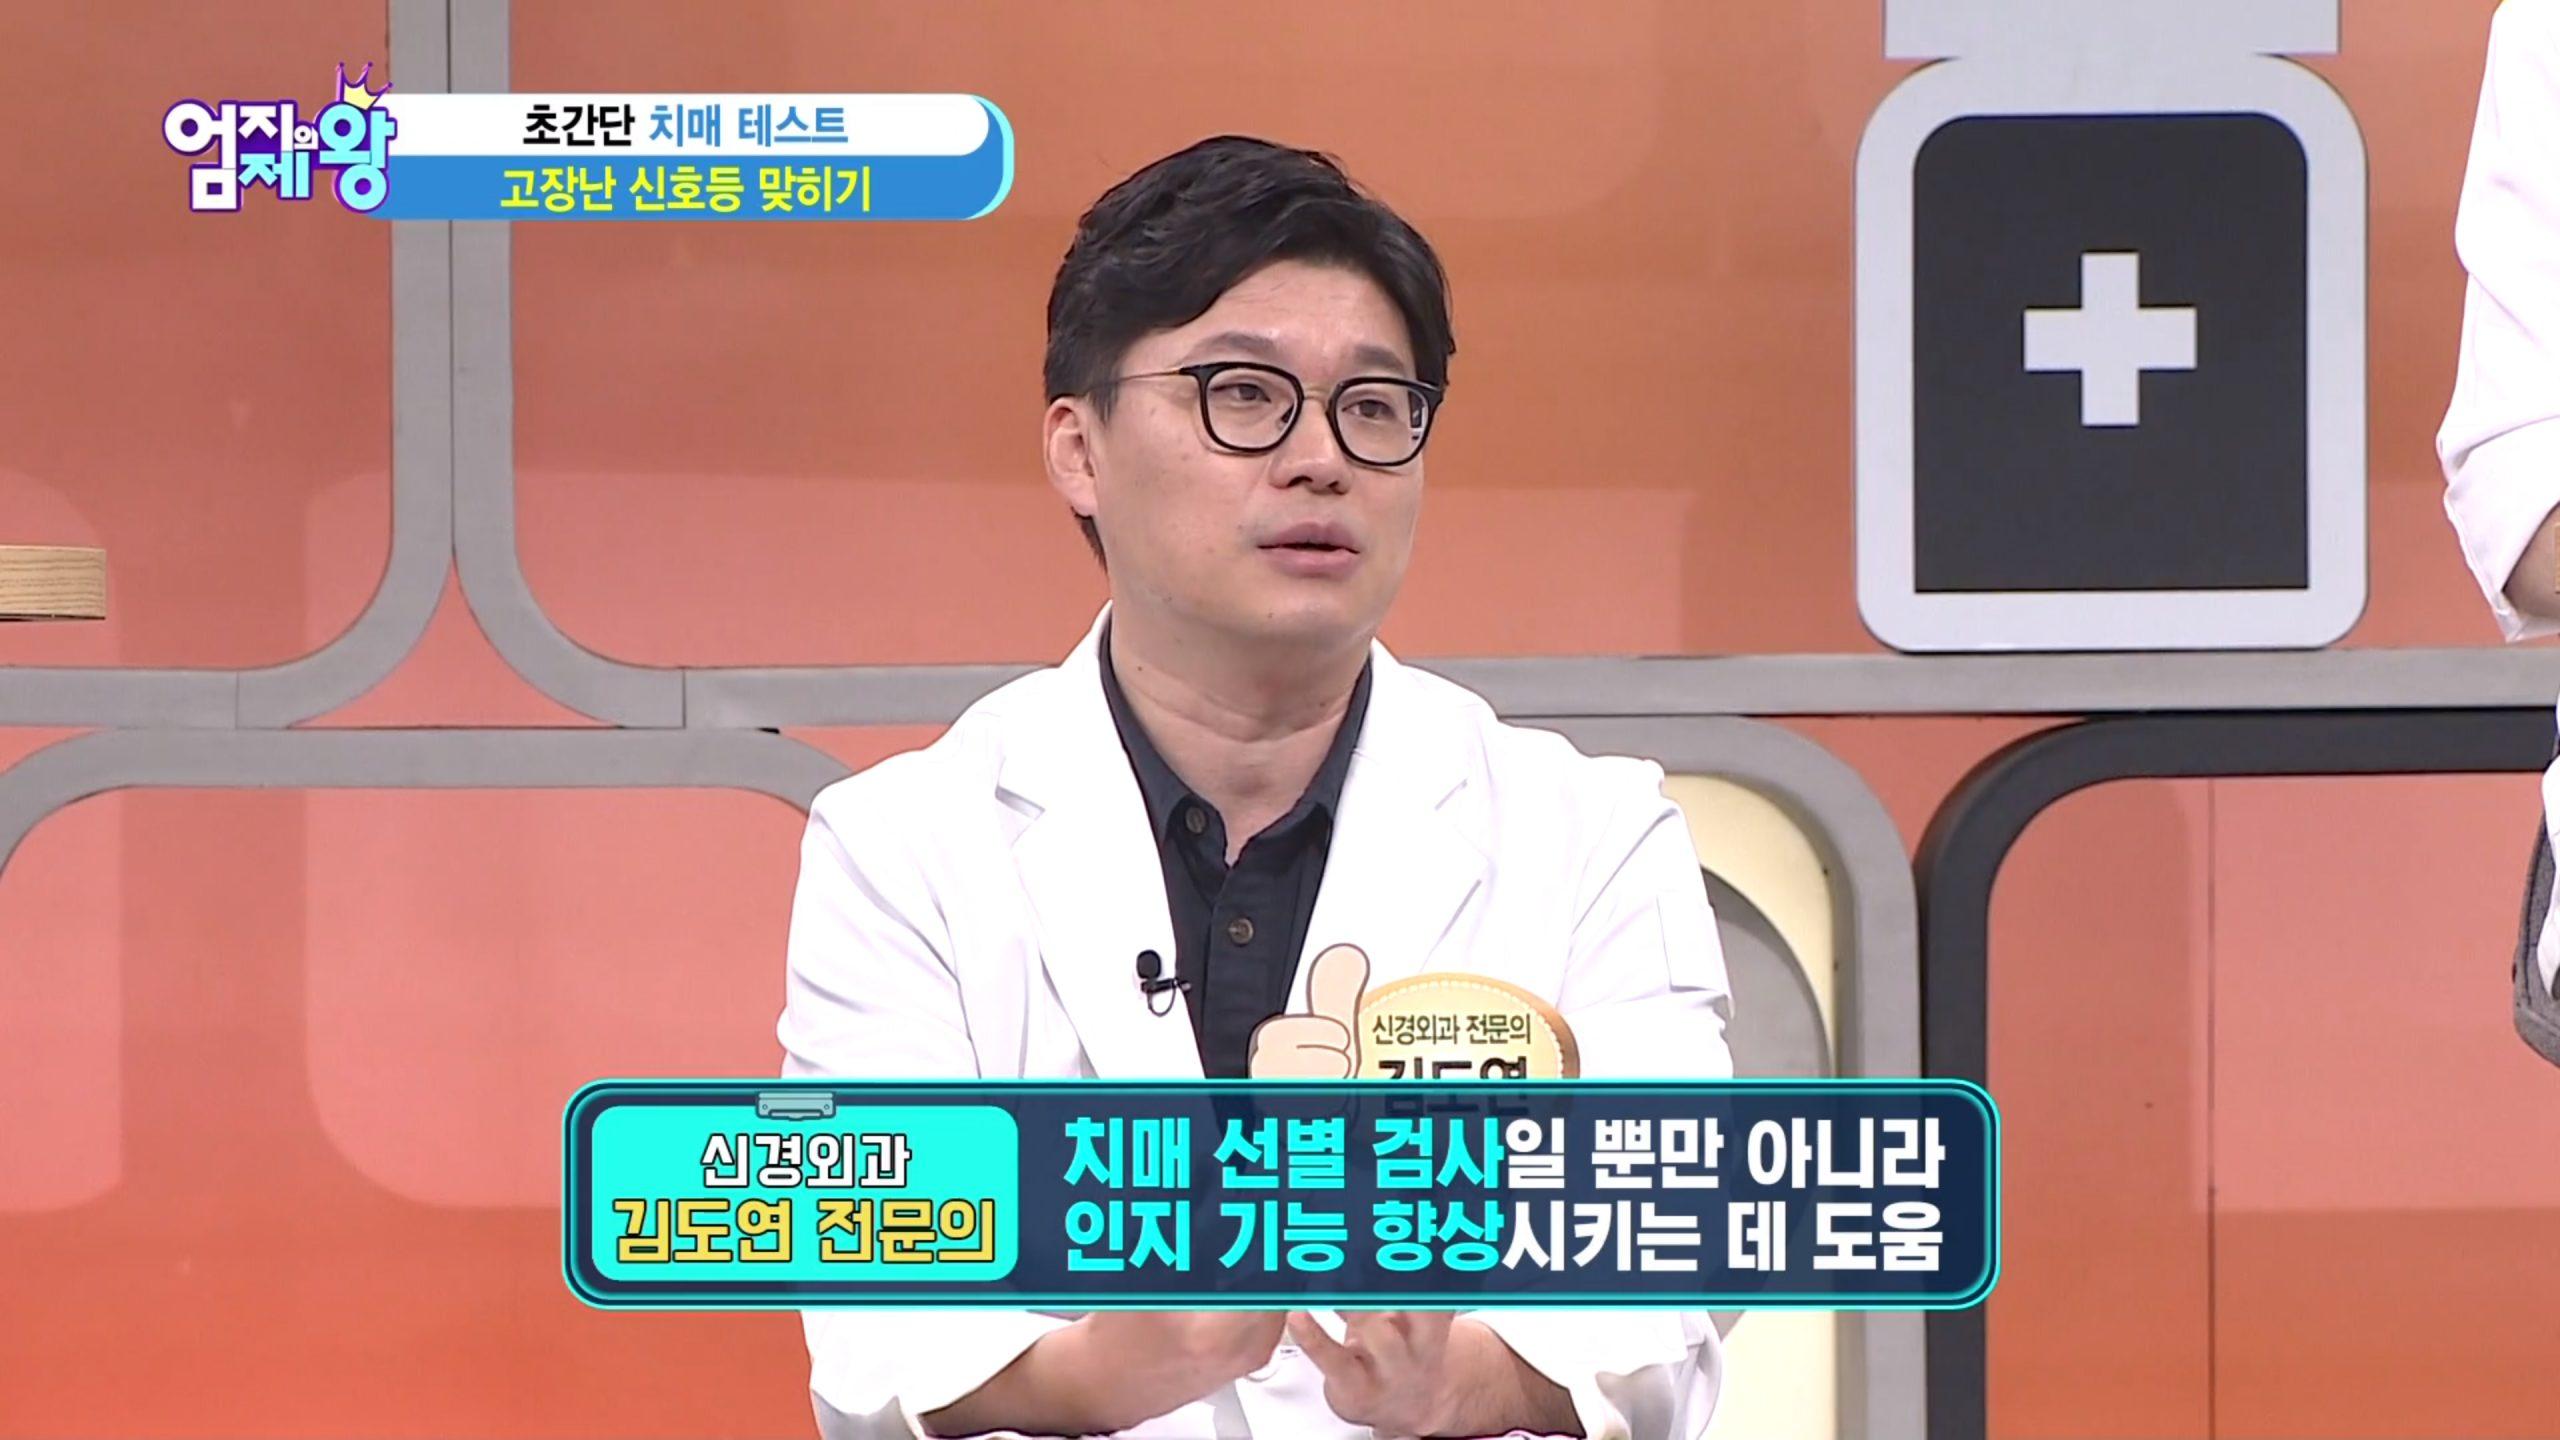 고양 바른신경외과 김도연 원장, MBN '엄지의 제왕'에서 치매 예방법 소개